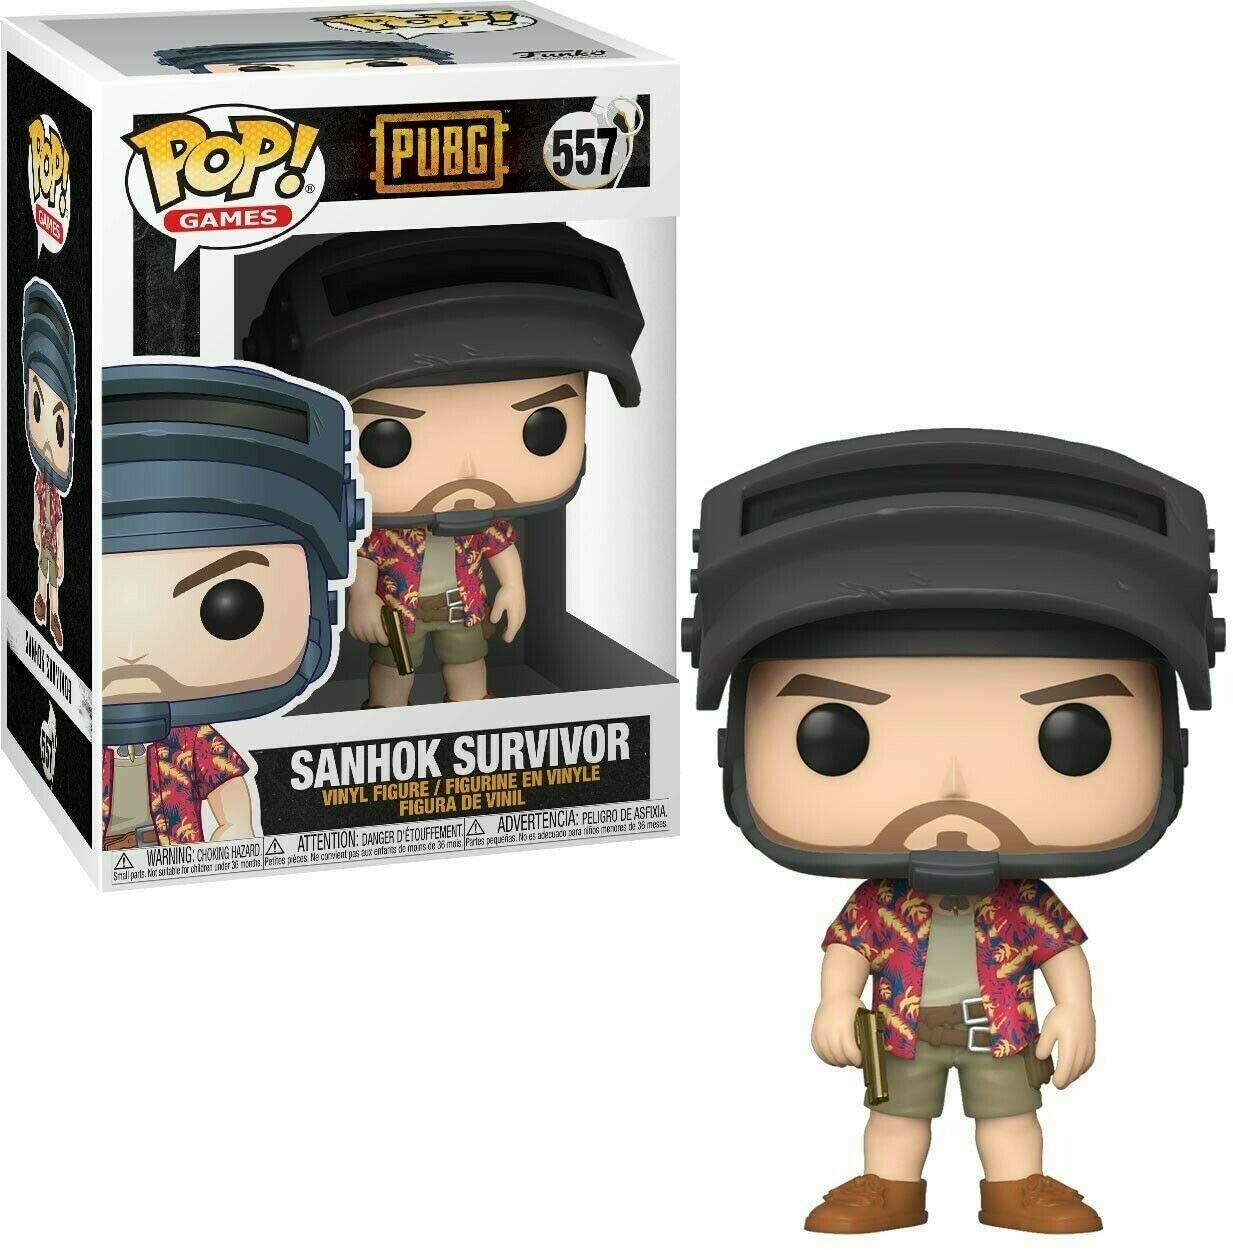 Funko Pop! Sanhok Survivor #557 PUBG